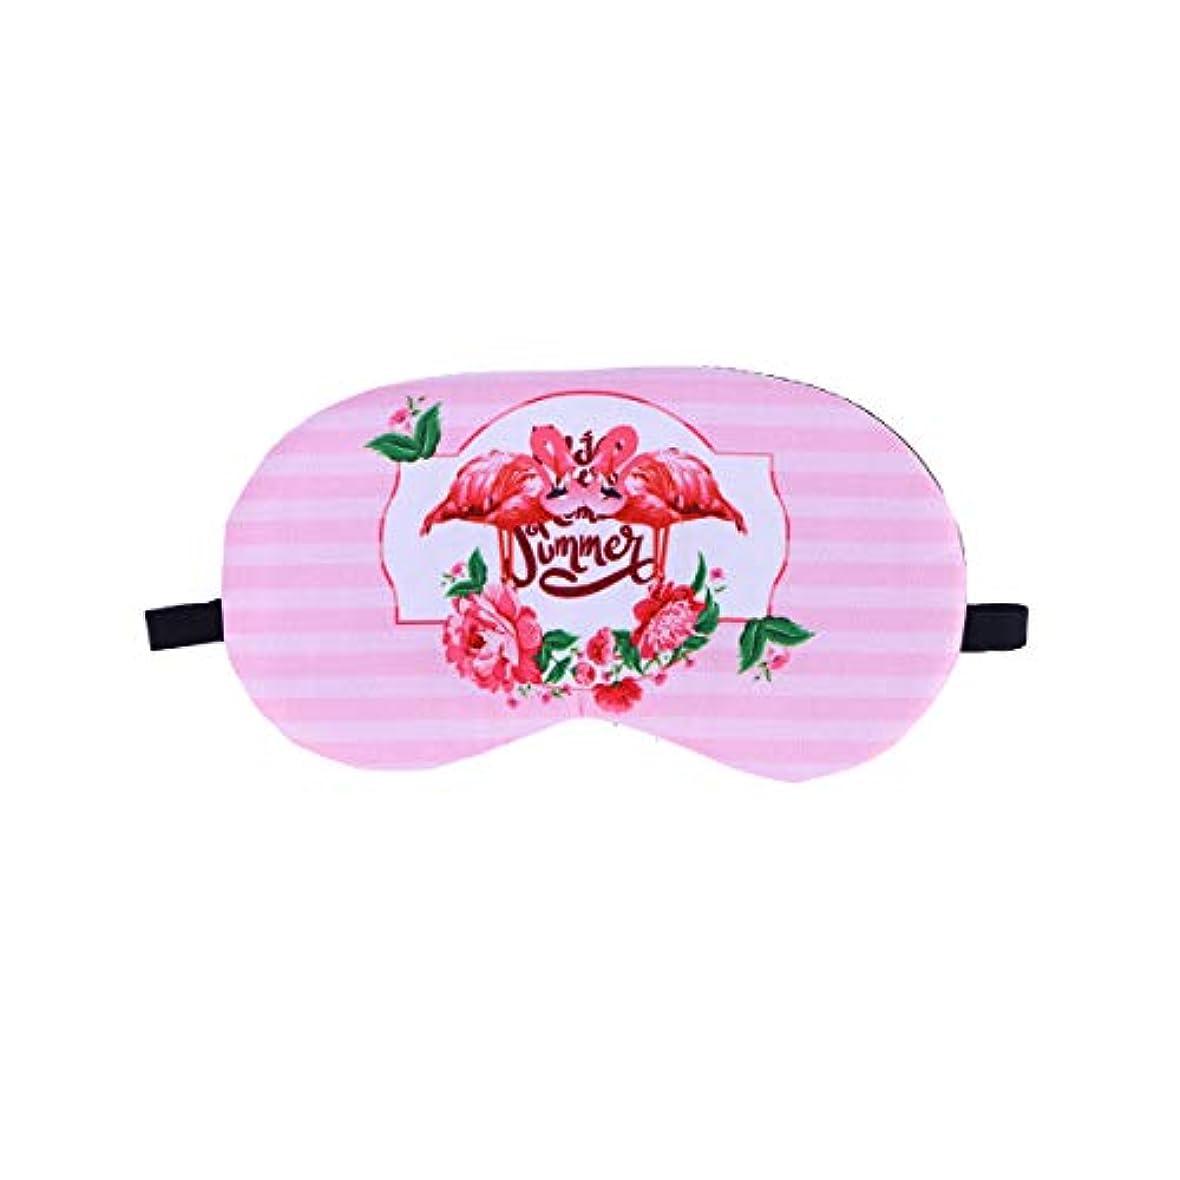 アトミックナビゲーション閉じるSUPVOX フラミンゴアイマスク動物睡眠トラベリング目隠しアイカバー(ピンク)